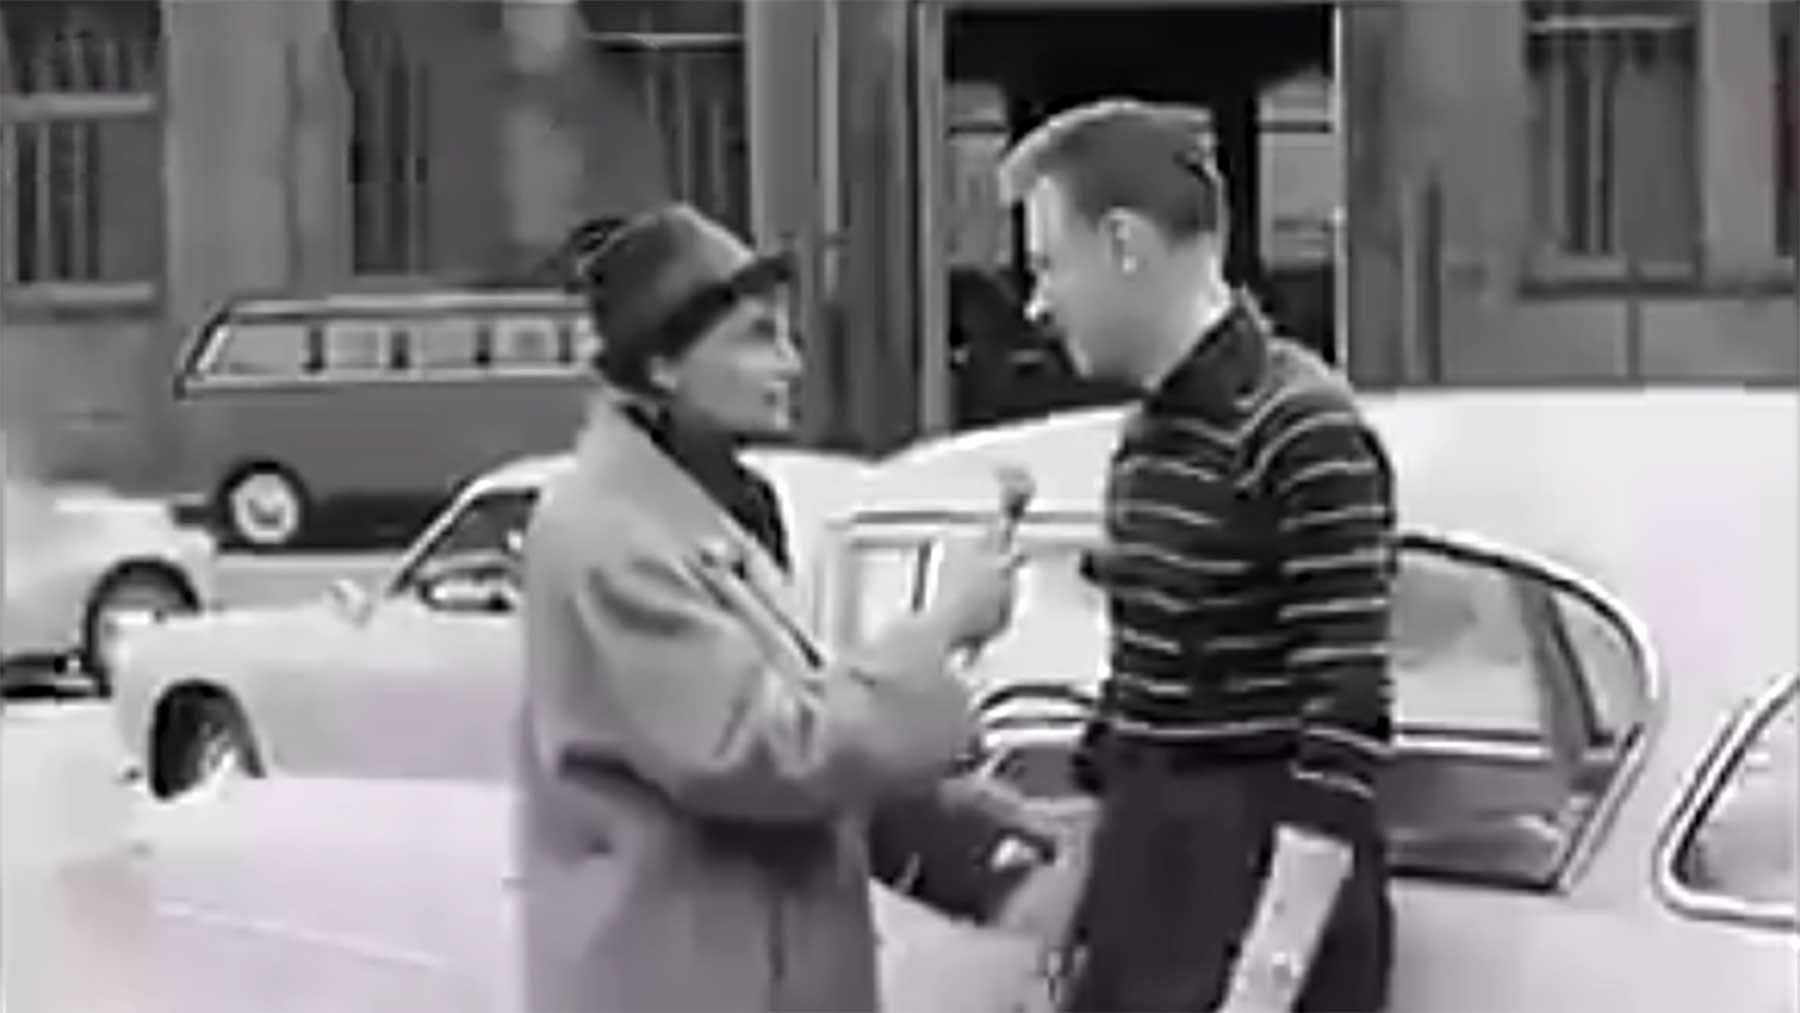 Wie Gurtgegner 1962 gegen die Anschnallpflicht geschwurbelt haben